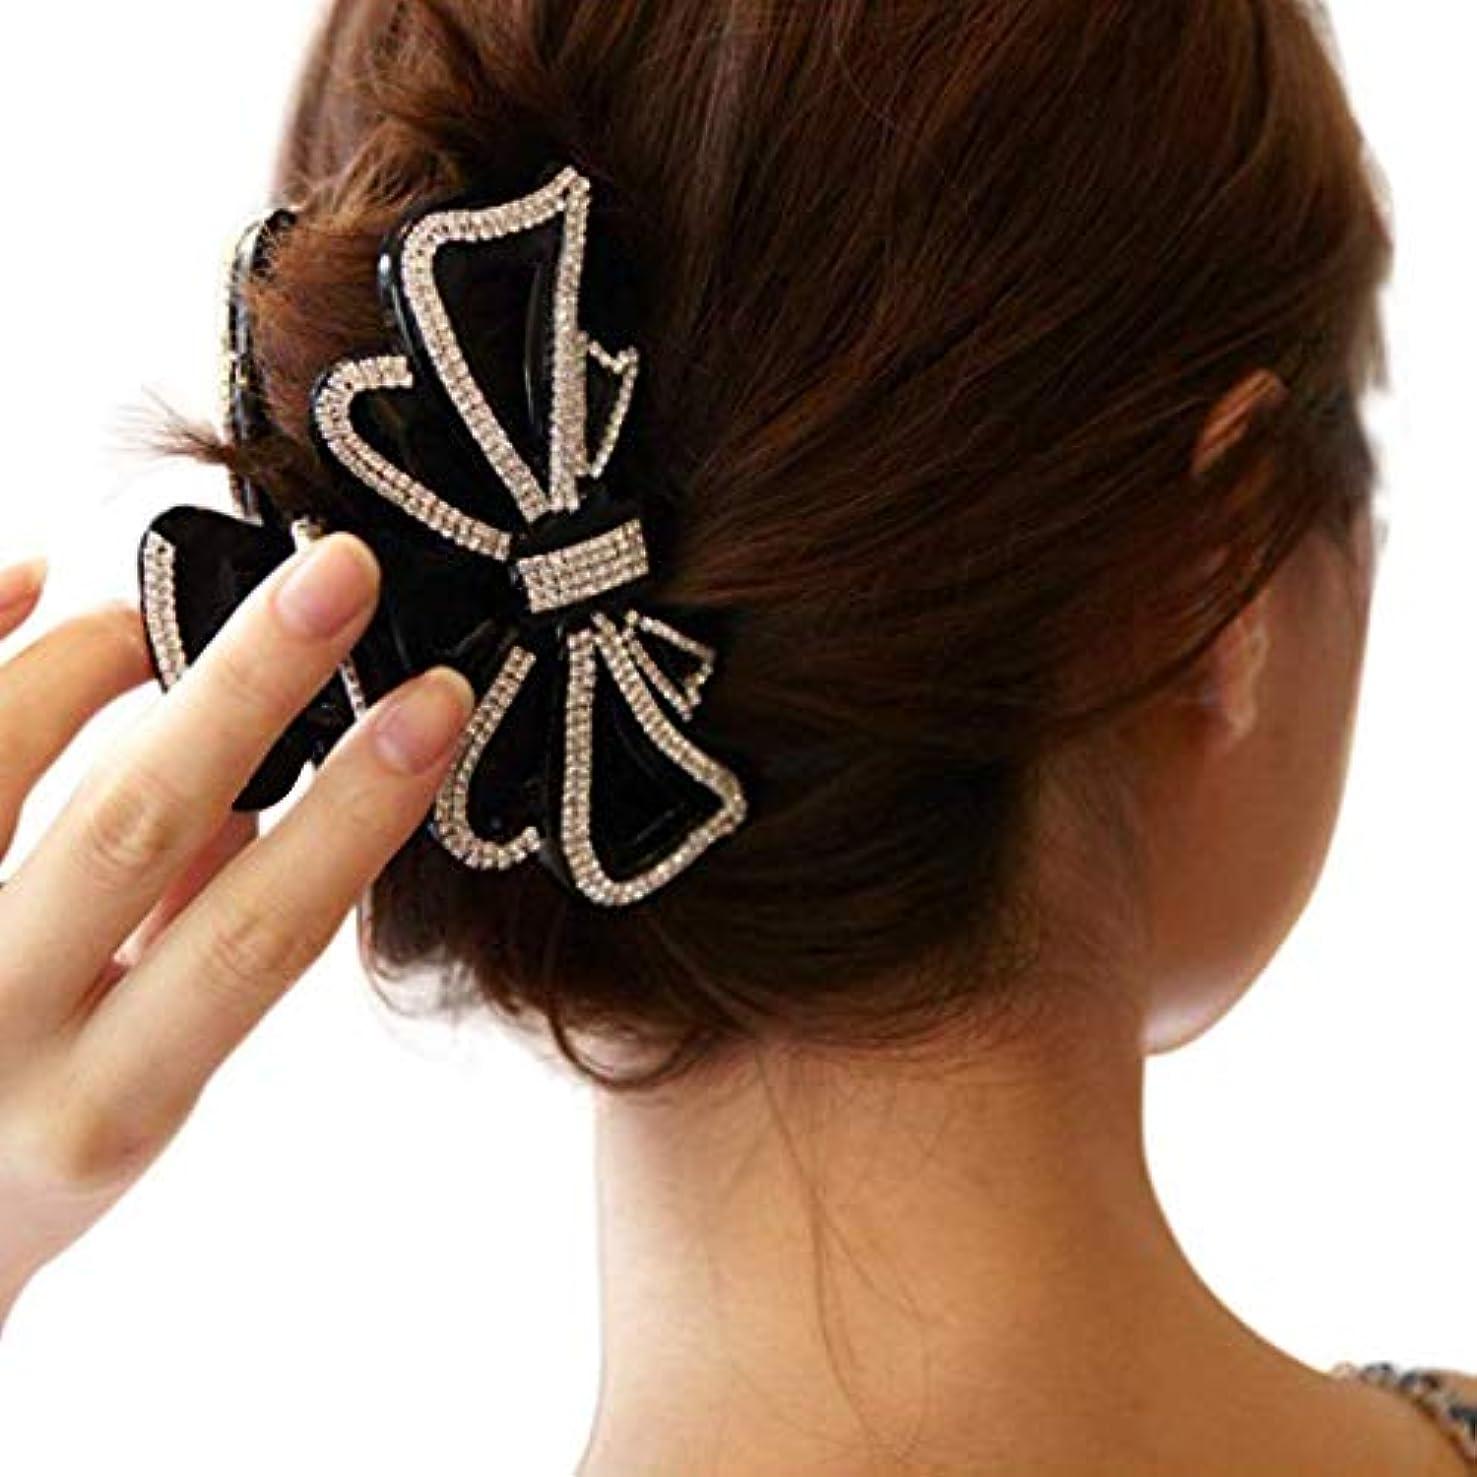 ケントに話す包括的1 ヘアクリップ ガールズ髪留めレディース ヘアアクセサリー リボン 人気 バレンタインデー 手芸